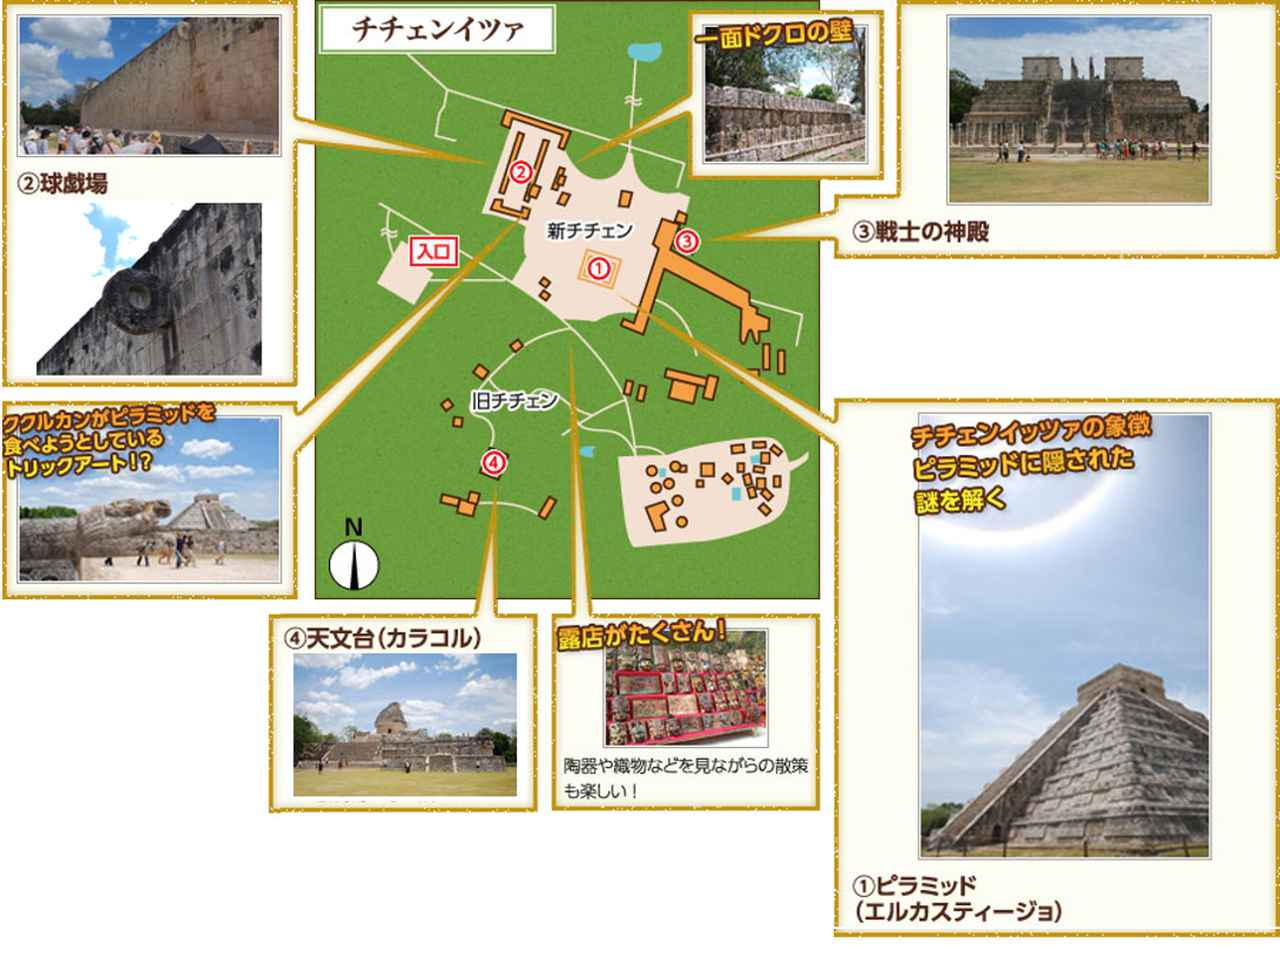 画像: チチェンイッツァのマップ(弊社作成・クラブツーリズムホームページより引用)